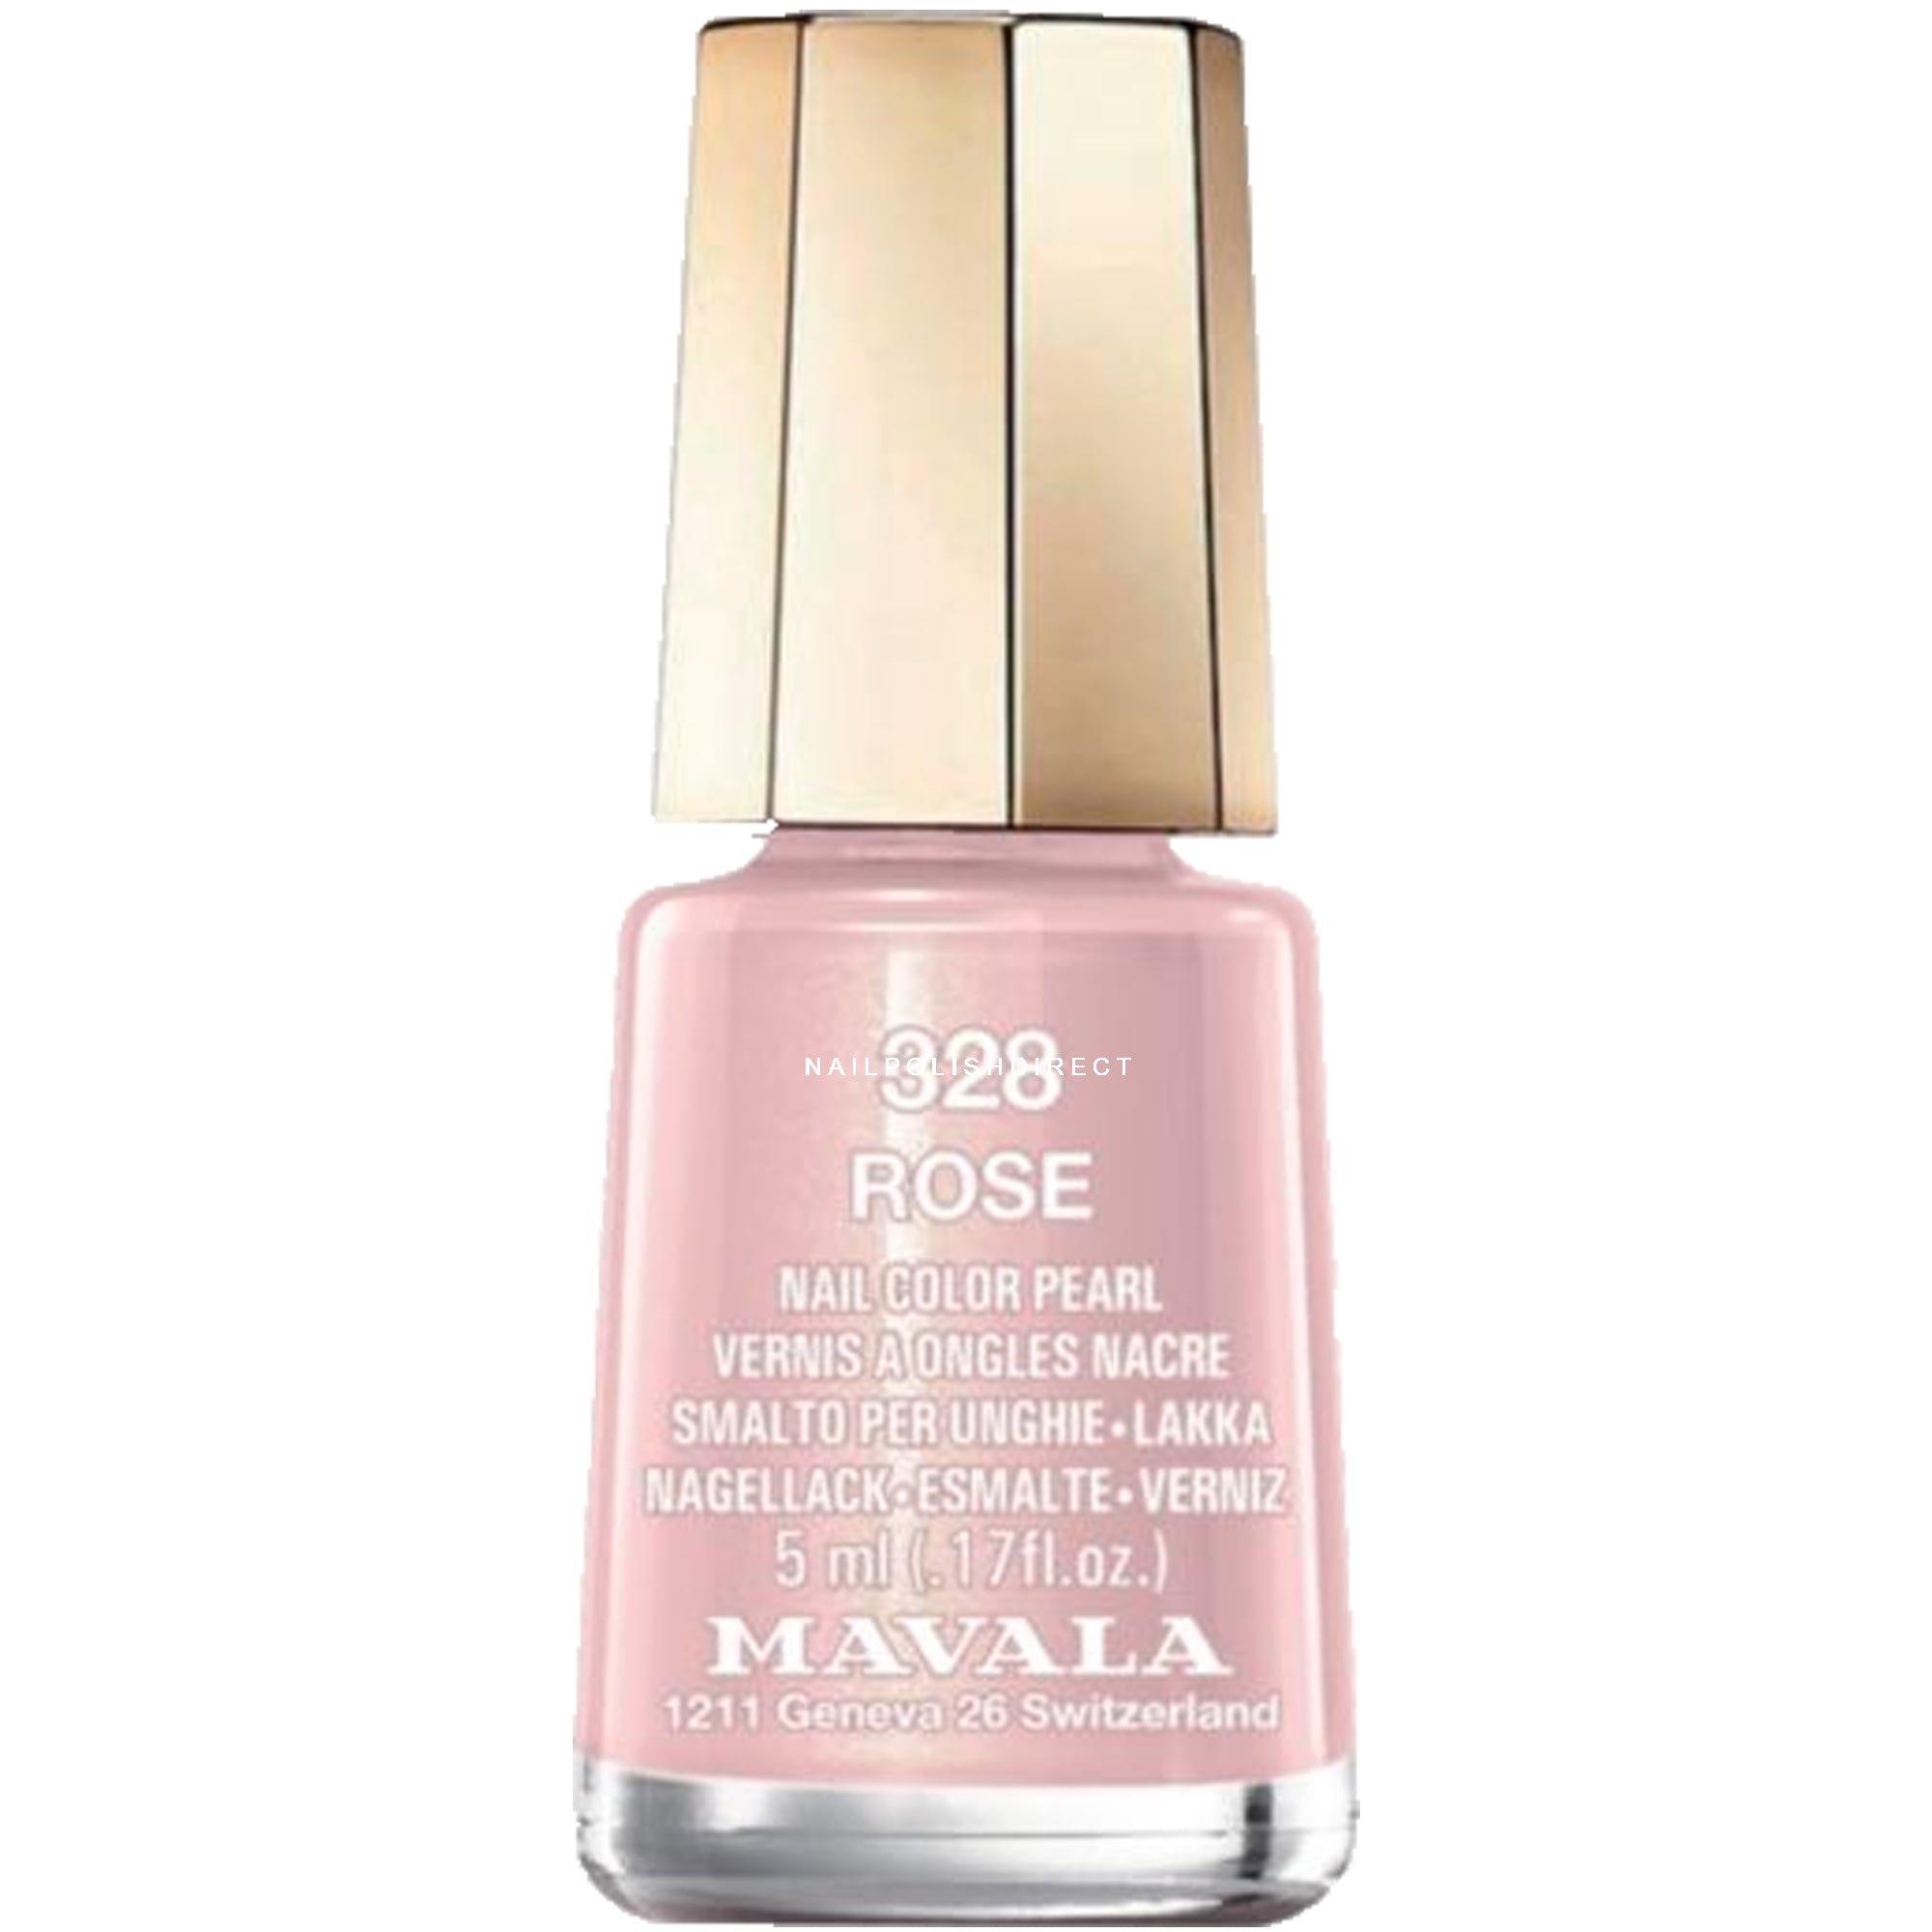 Lcn nail polish uk dating